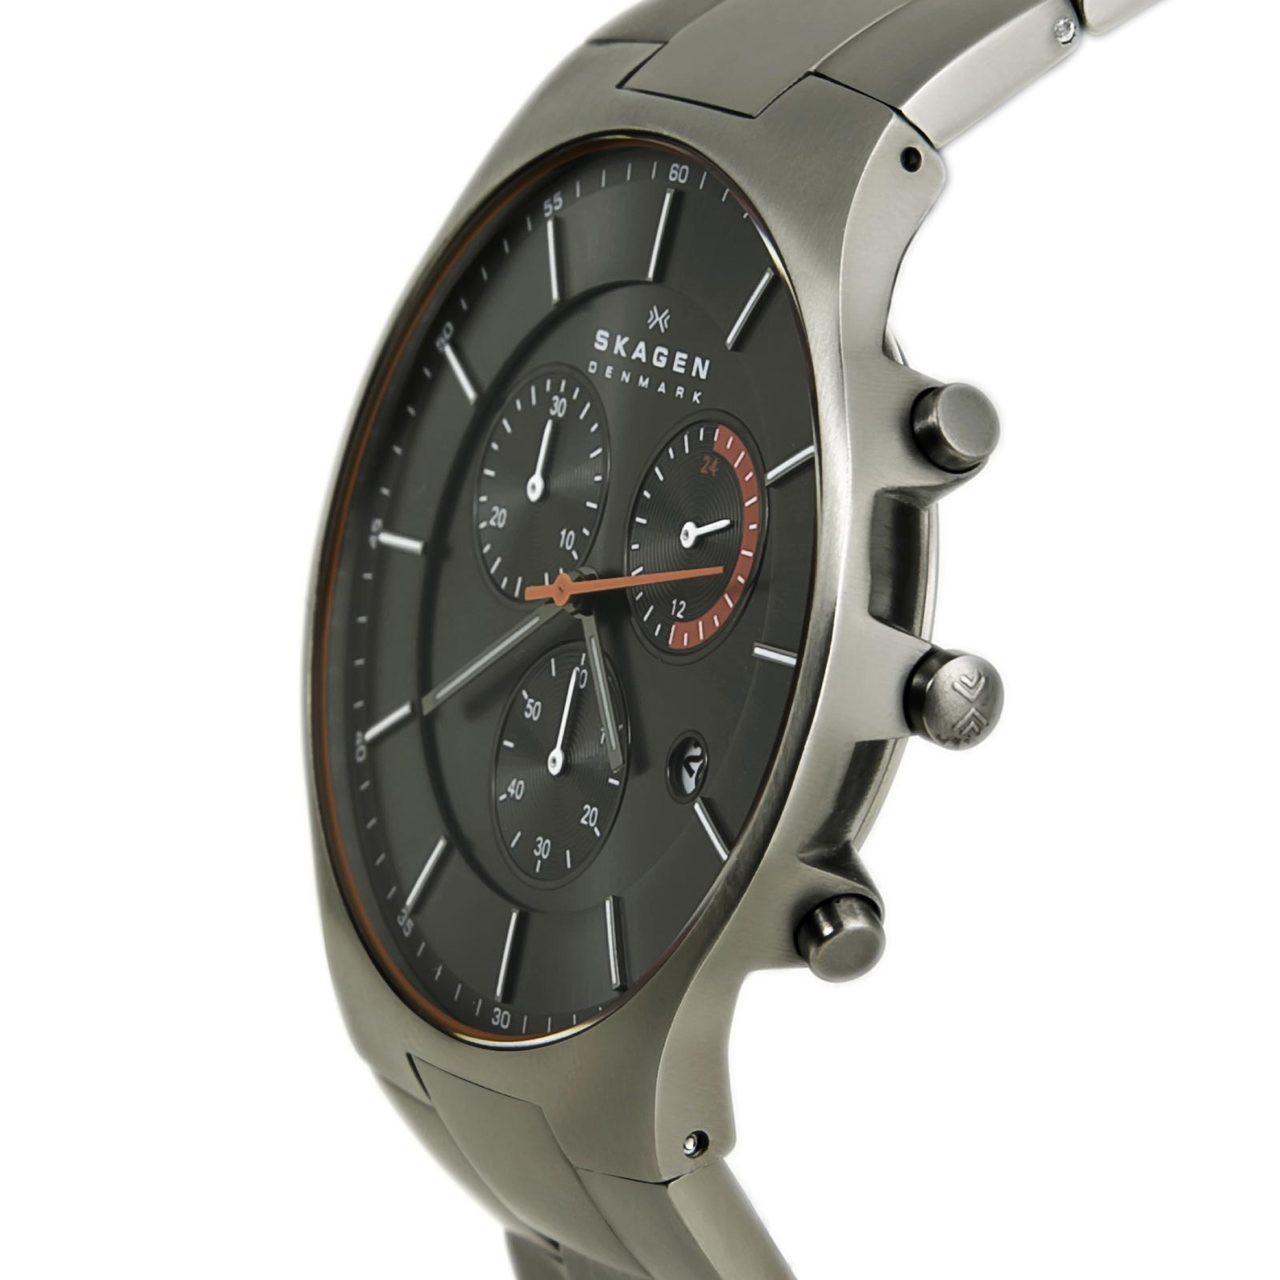 watch review skagen skw6076 aktiv titanium chronograph steel watch review skagen skw6076 aktiv titanium chronograph steel link balder watch